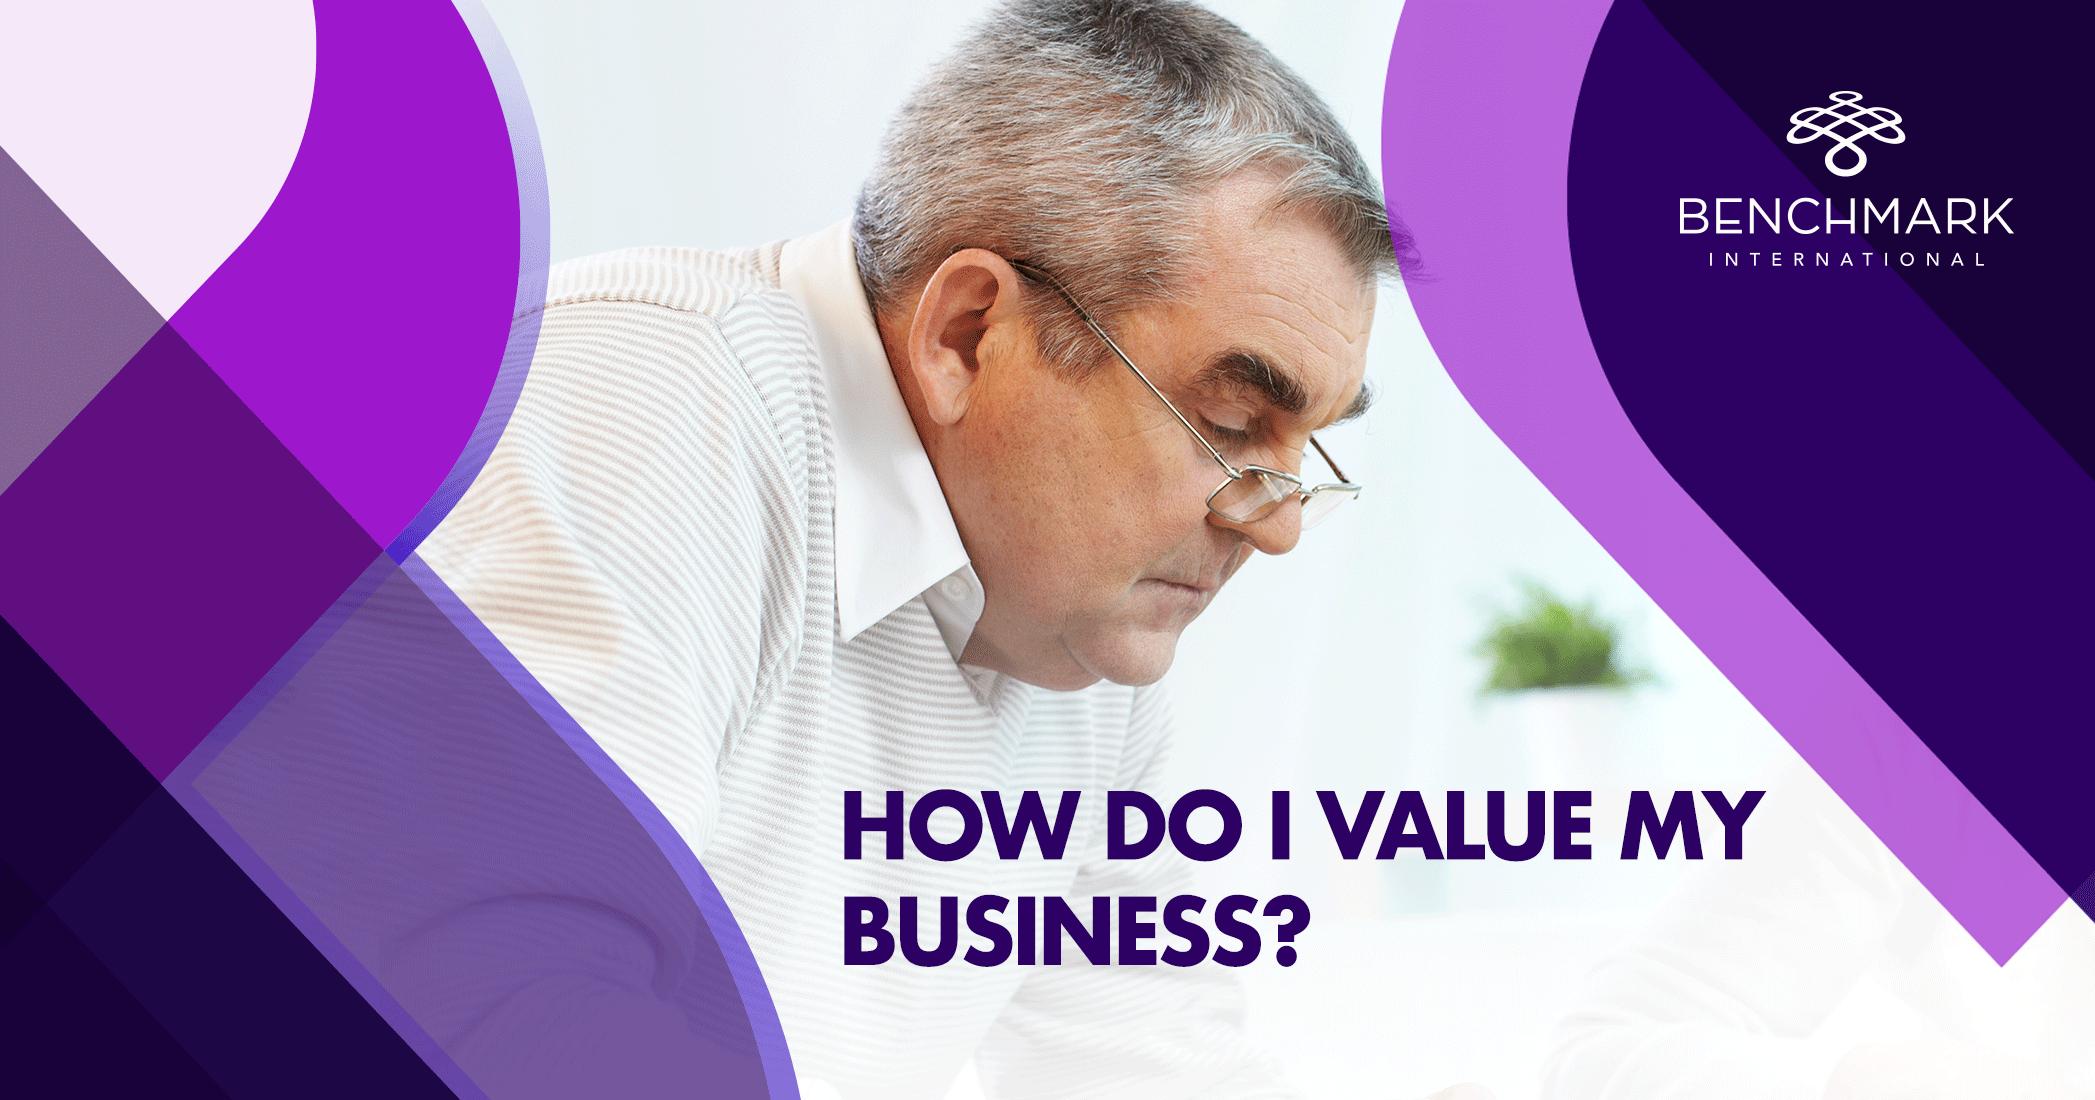 How-do-i-value-my-business